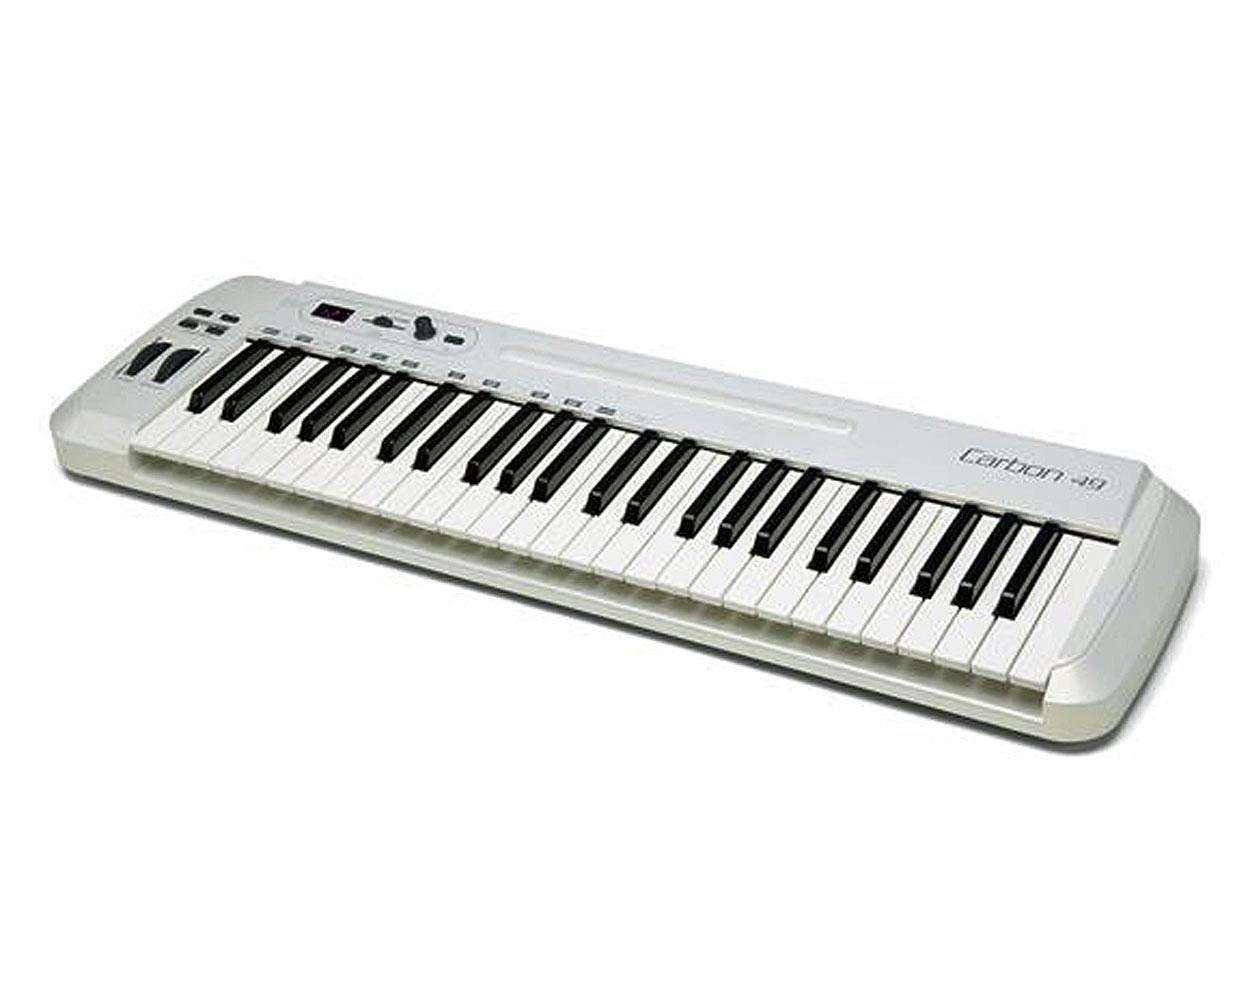 Tastiera MIDI Samson Modello Carbon 49 tasti. (USATO)